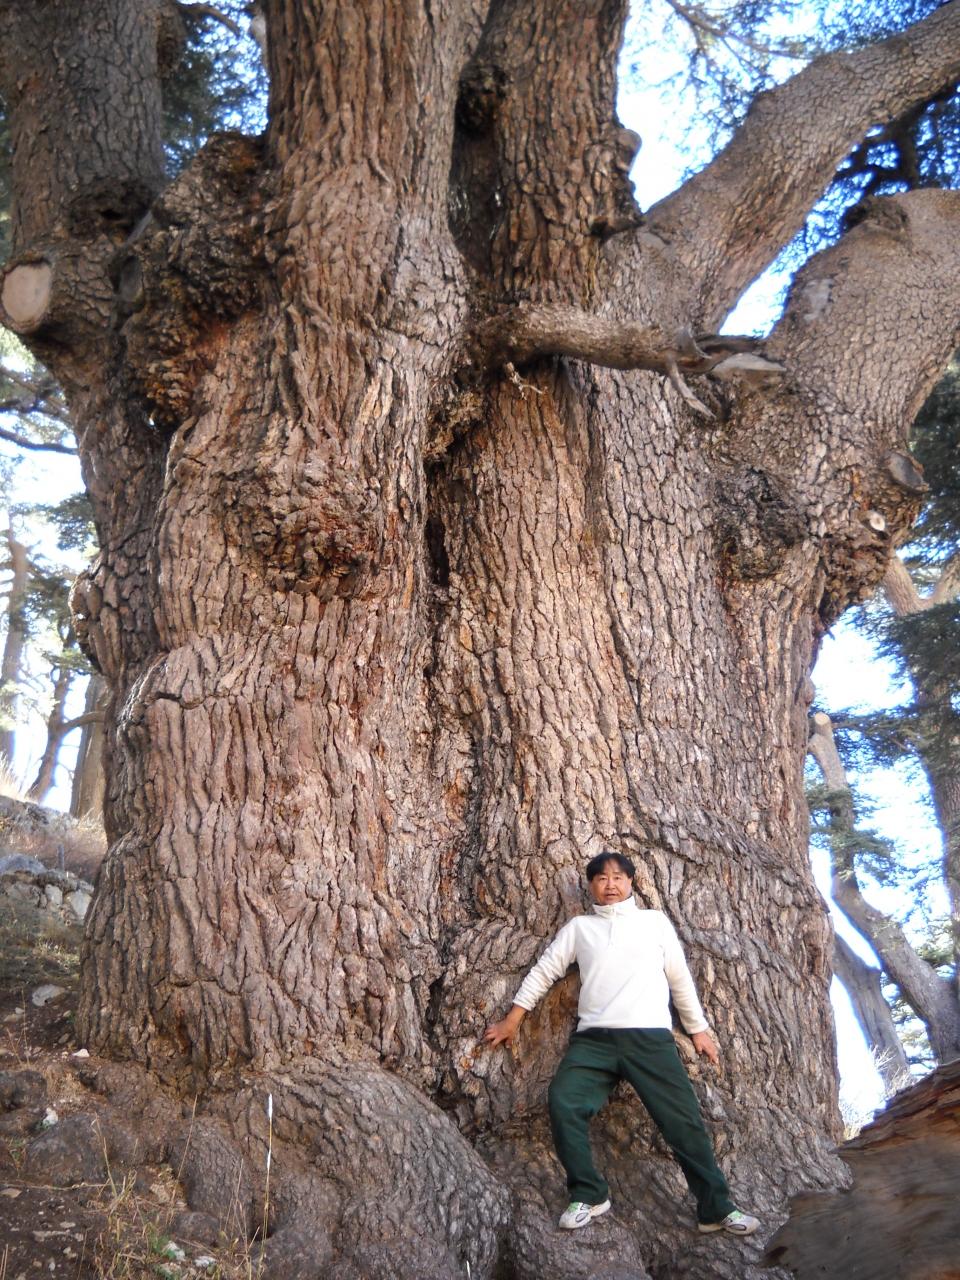 レバノン杉は松なの?』その他の都市(レバノン)の旅行記・ブログ